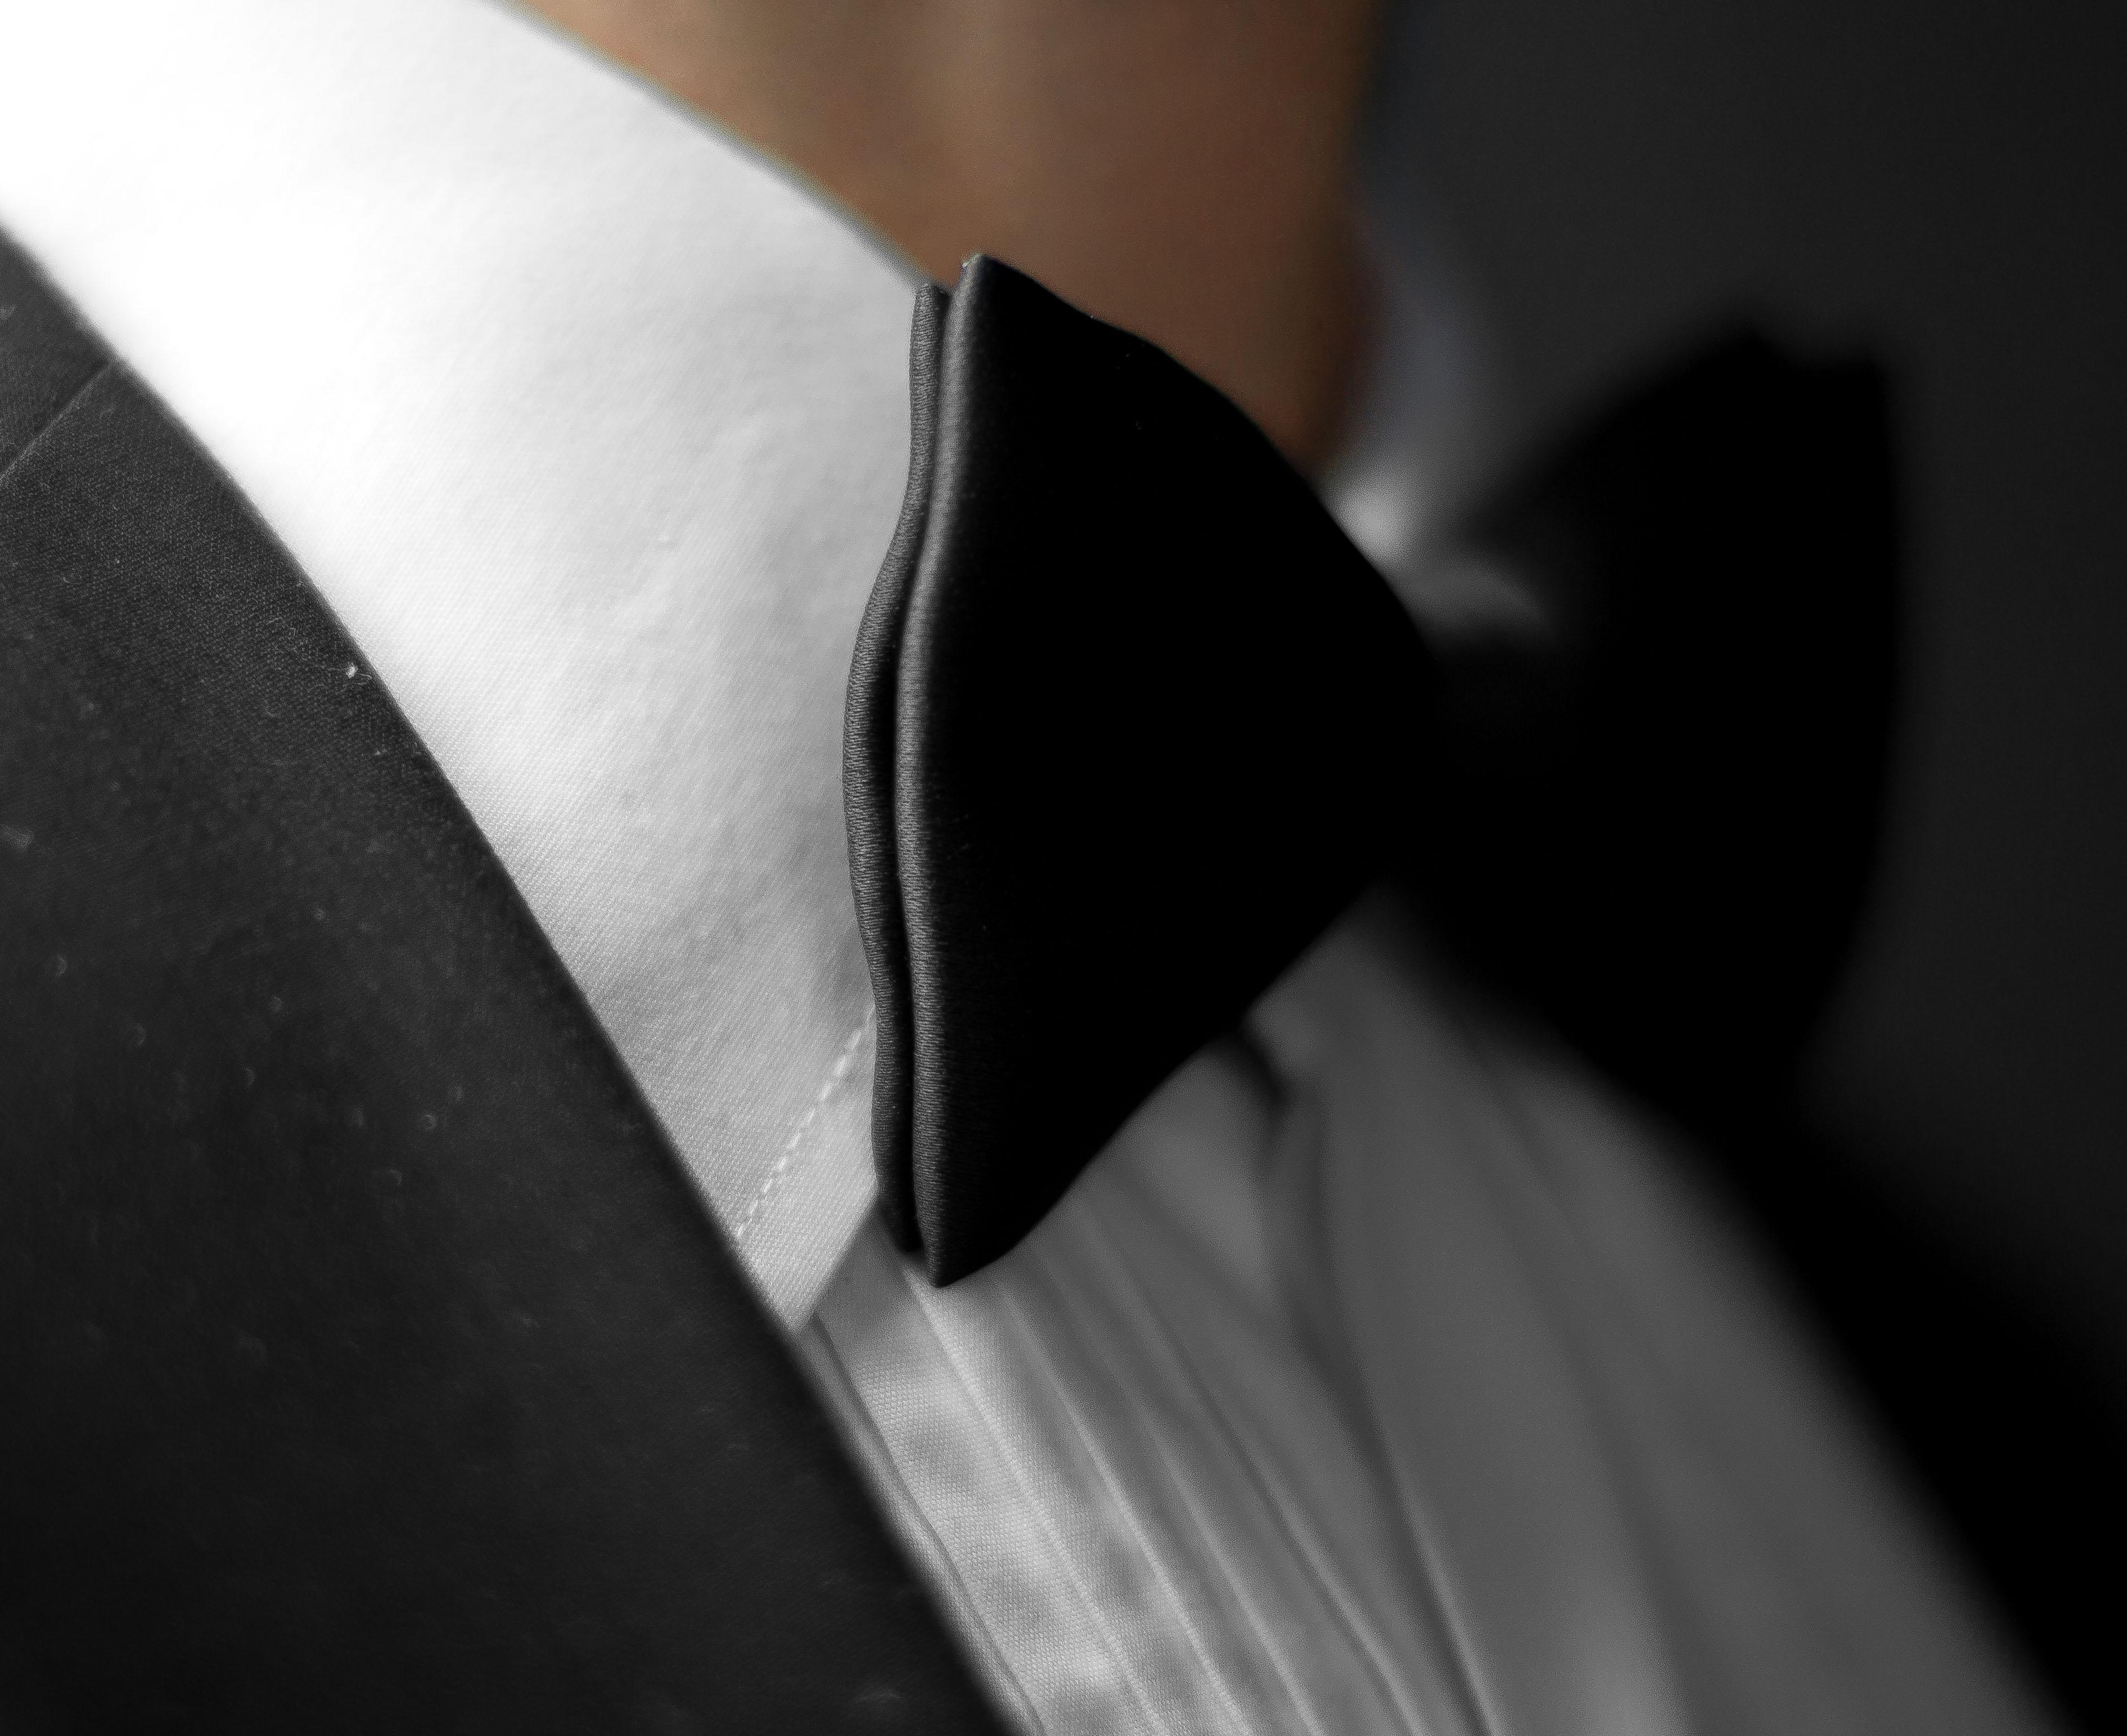 A bow tie.